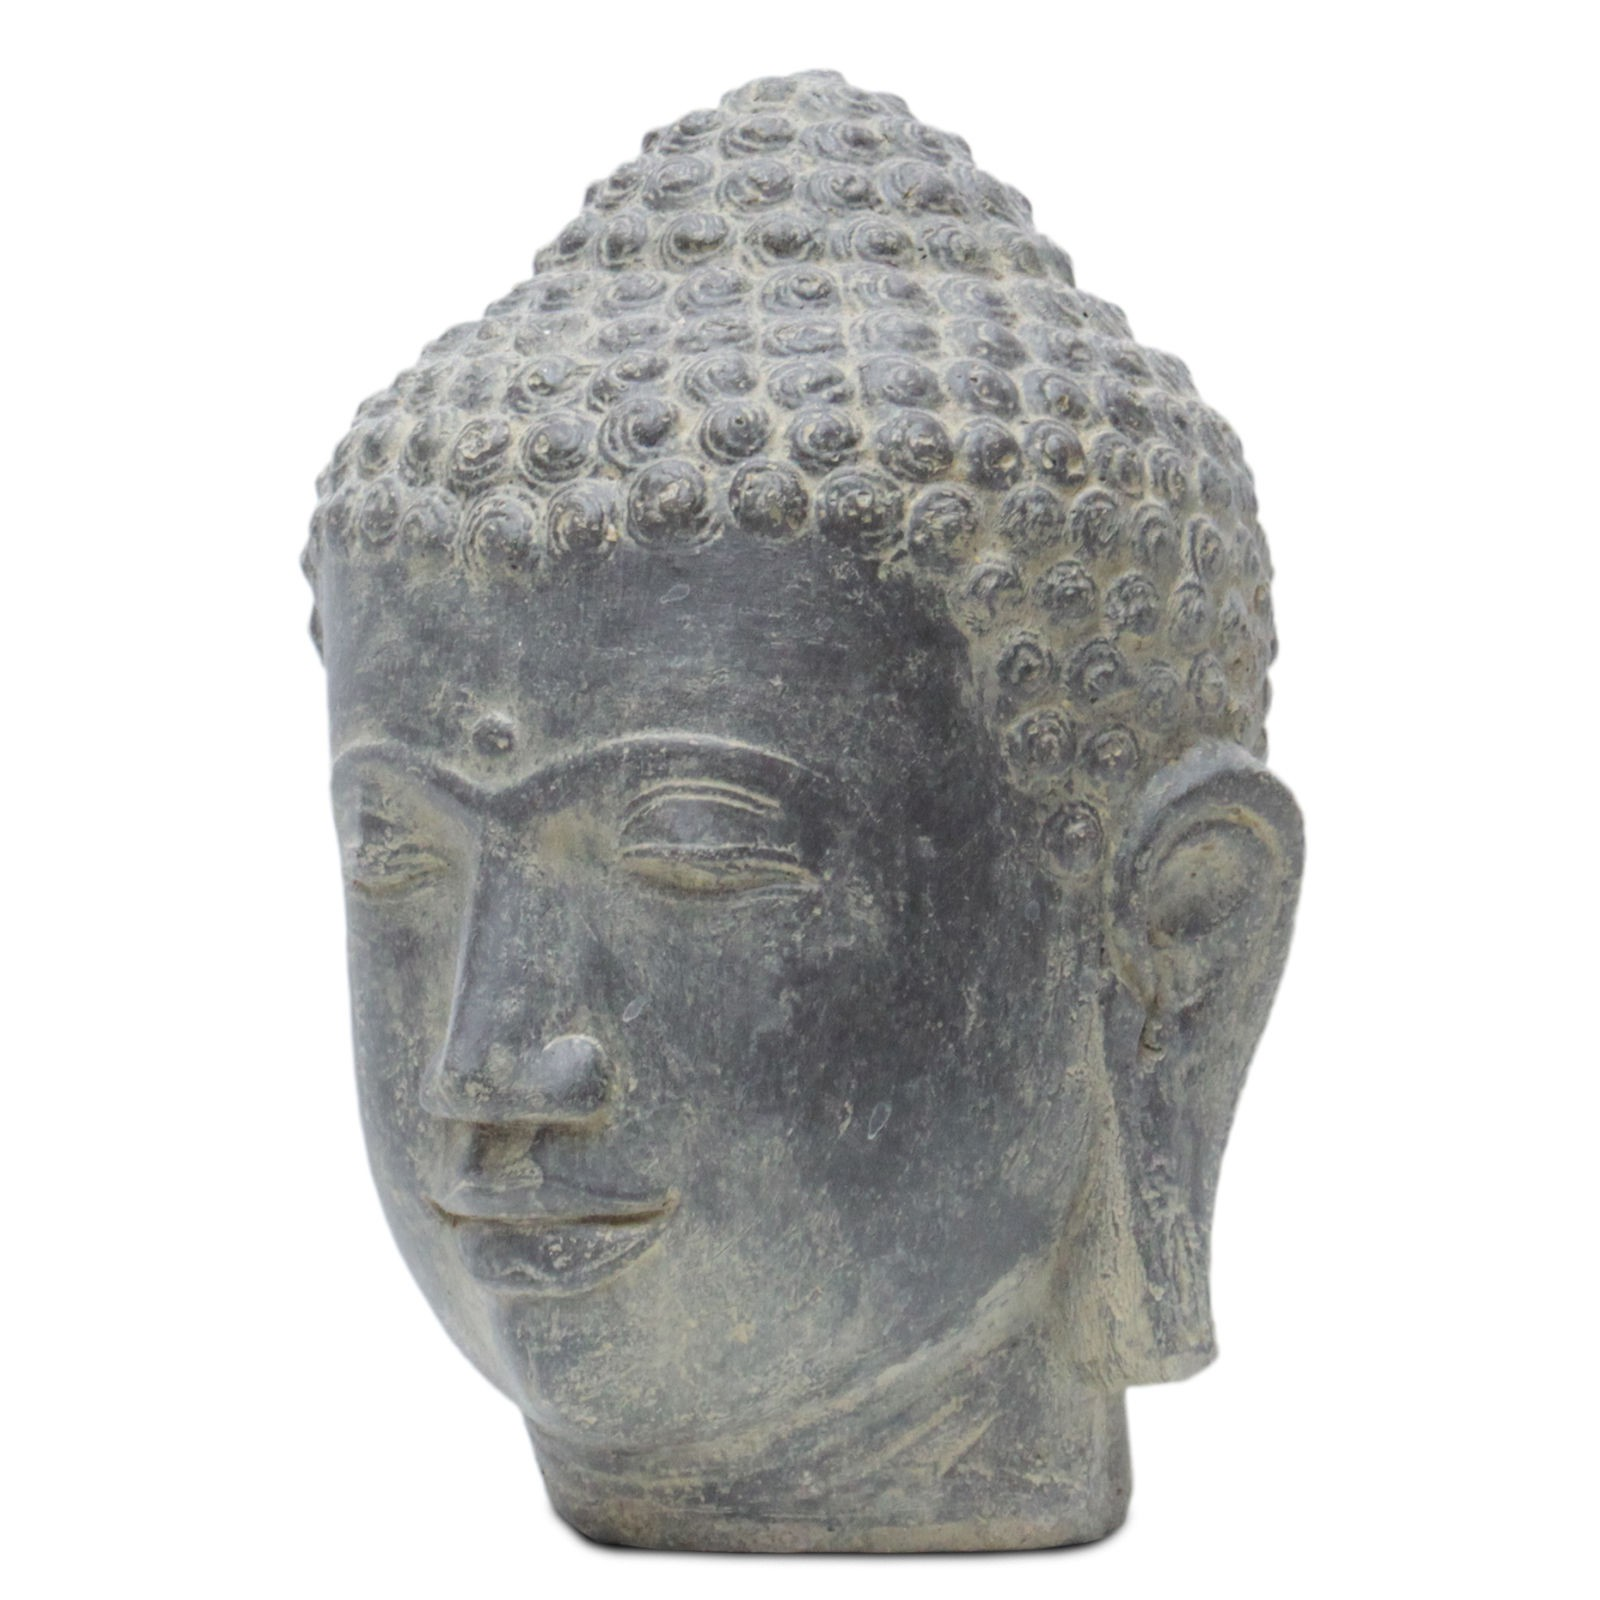 buddha kopf head steinfigur skulptur stein lavasand bali garten deko 33cm ebay. Black Bedroom Furniture Sets. Home Design Ideas